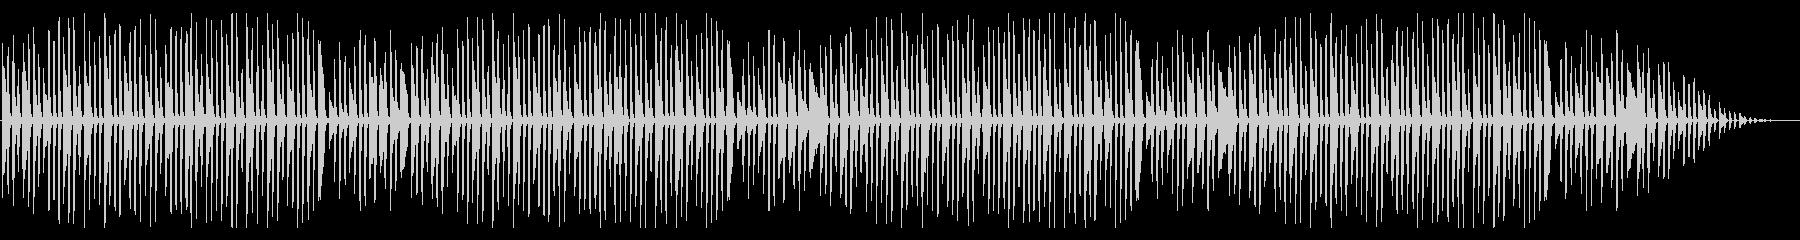 童謡「ちょうちょ」シンプルなピアノソロの未再生の波形